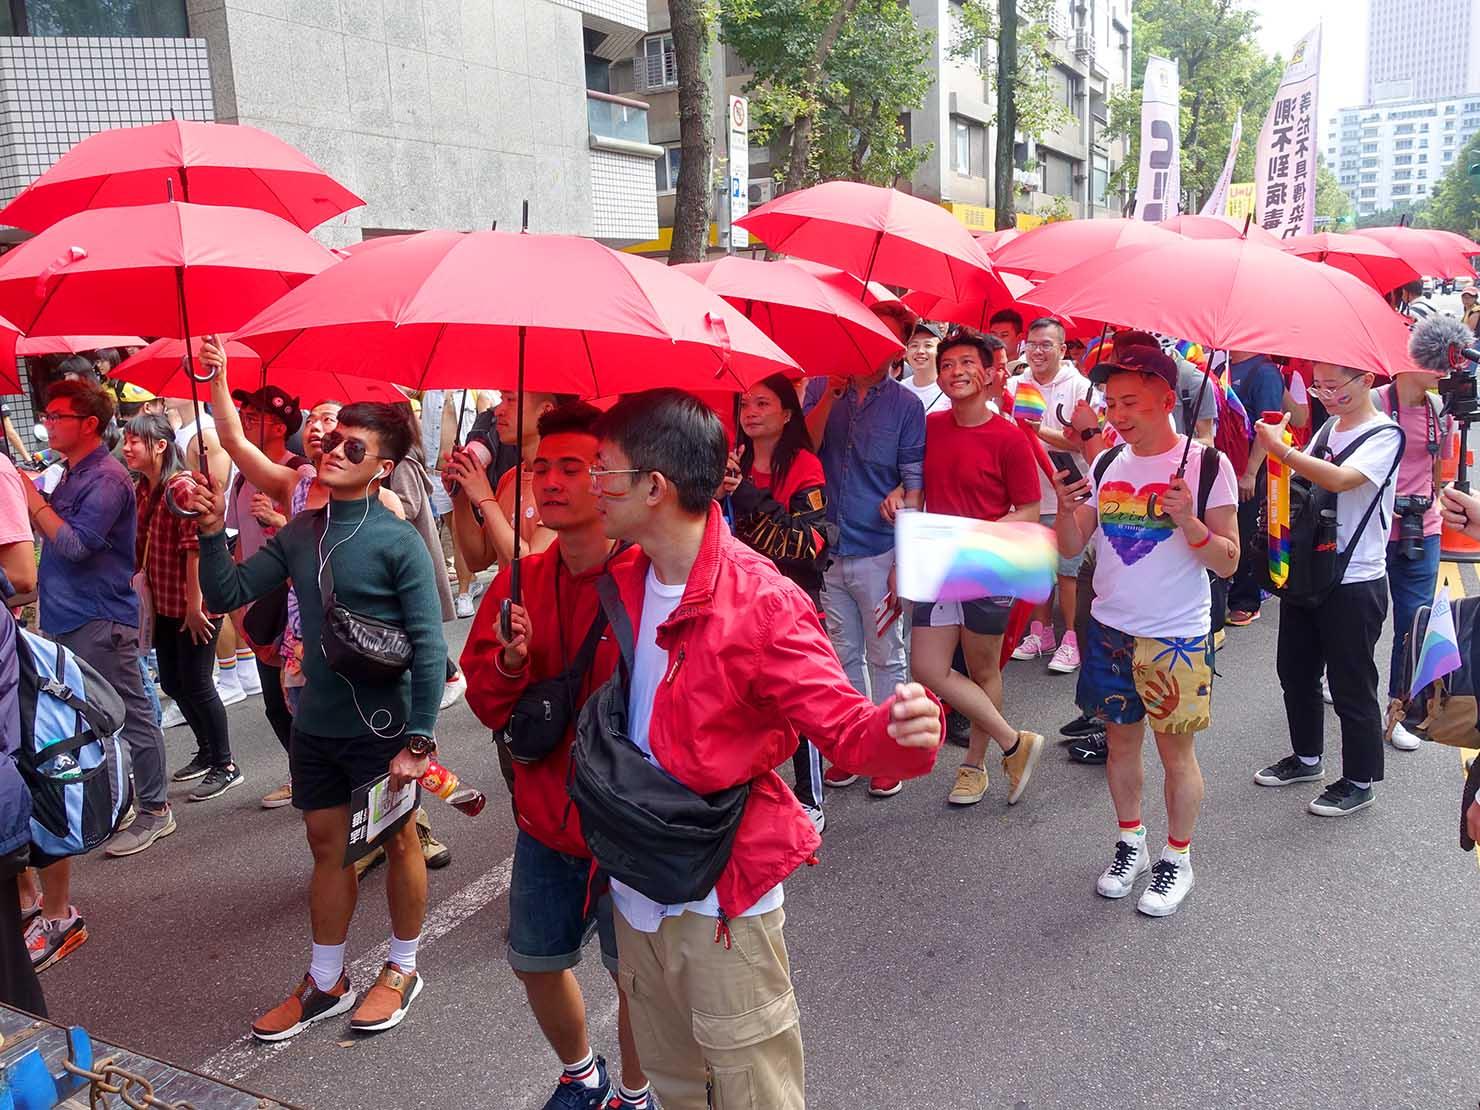 台灣同志遊行(台湾LGBTプライド)2019のパレードを赤い傘をさして歩くグループ